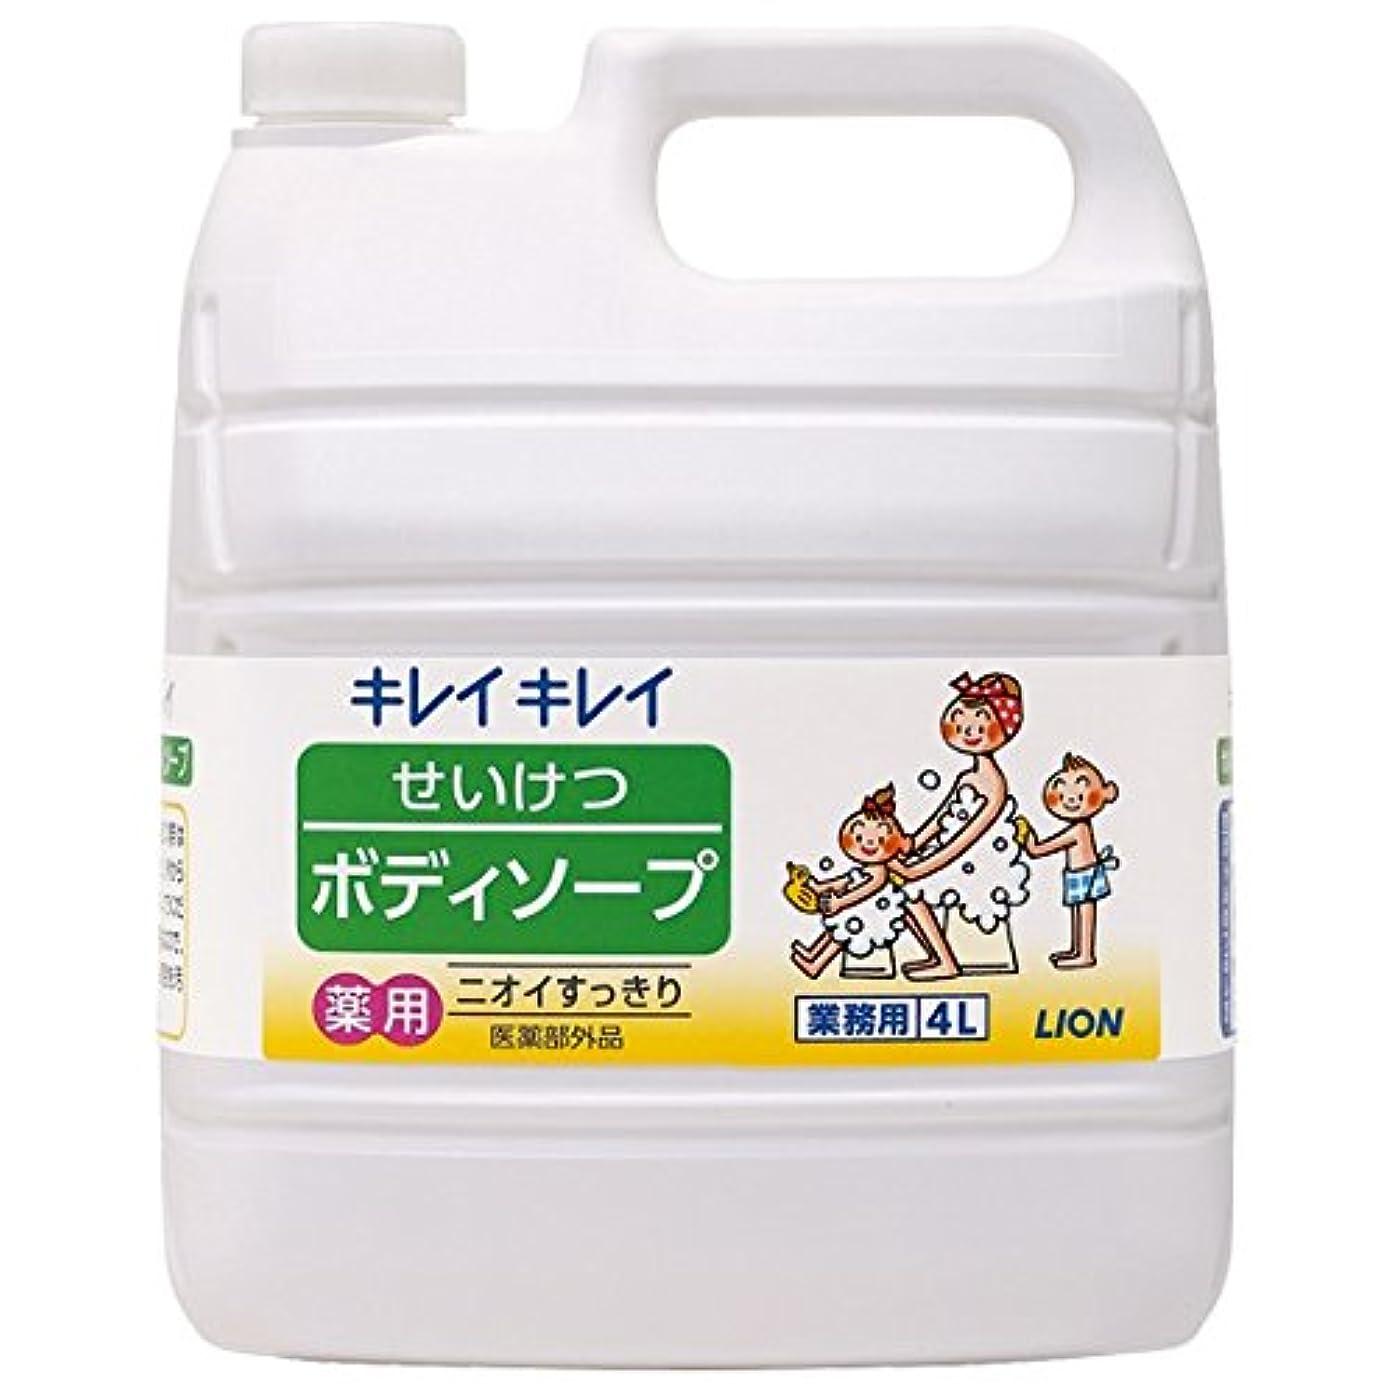 シネマ扱うブリードライオン キレイキレイ せいけつボディソープ さわやかなレモン&オレンジの香り 業務用 4L×3本